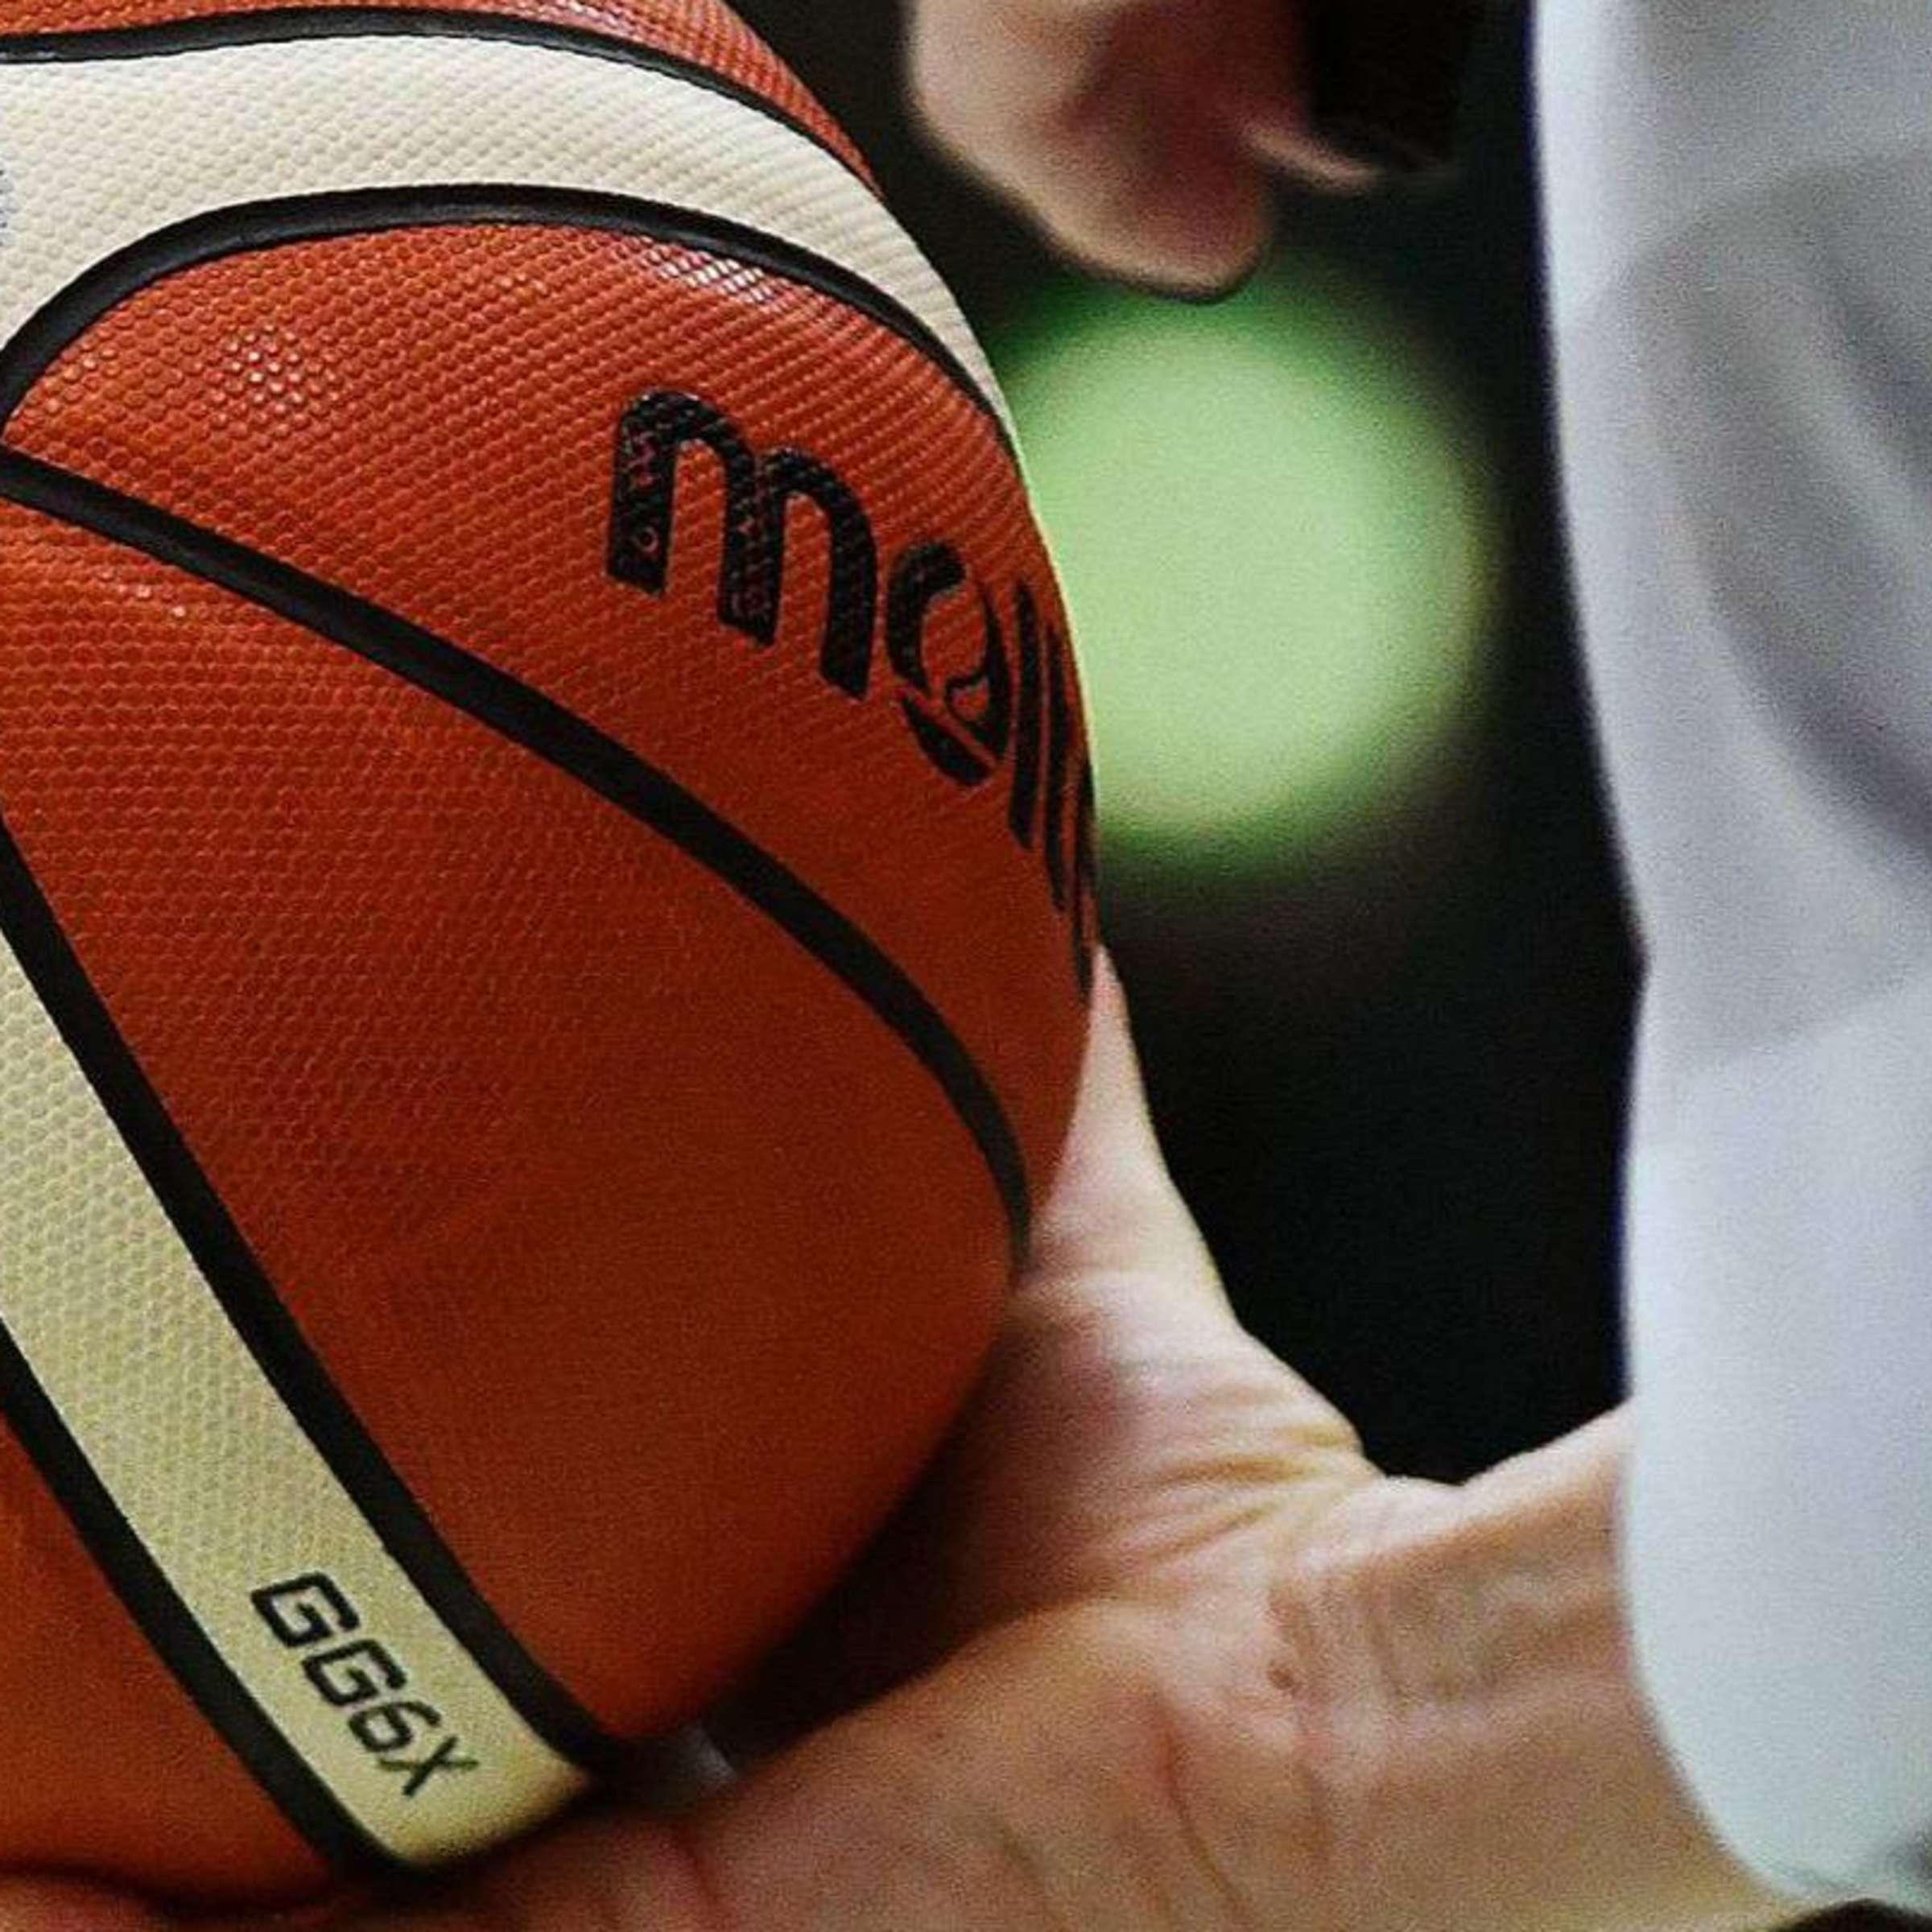 der kleinste basketballspieler der welt